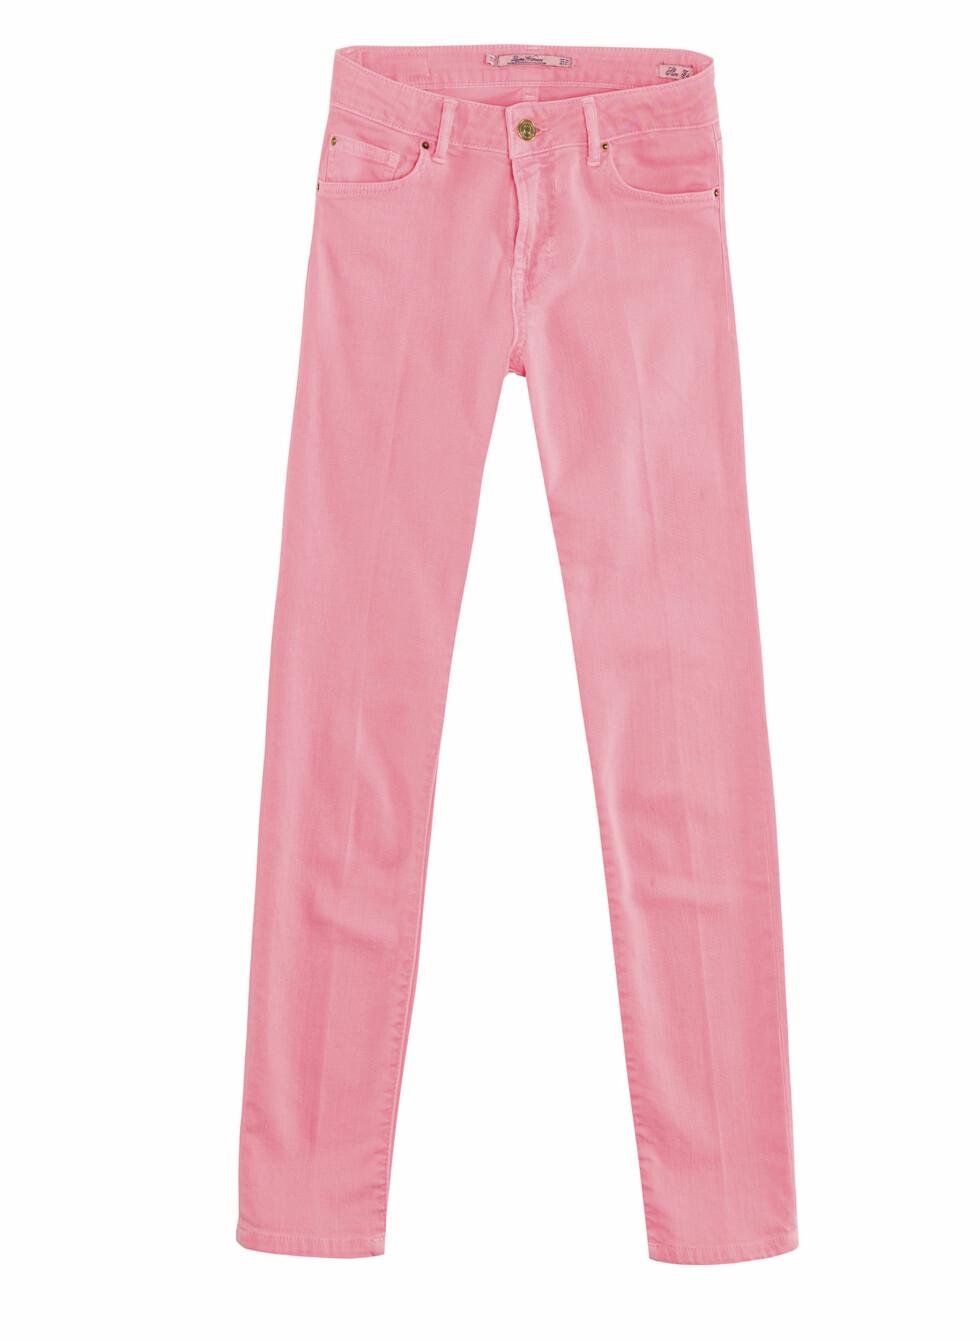 Rosa bukser (Finnes også i sort og gult/Kr.399) Foto: Zara